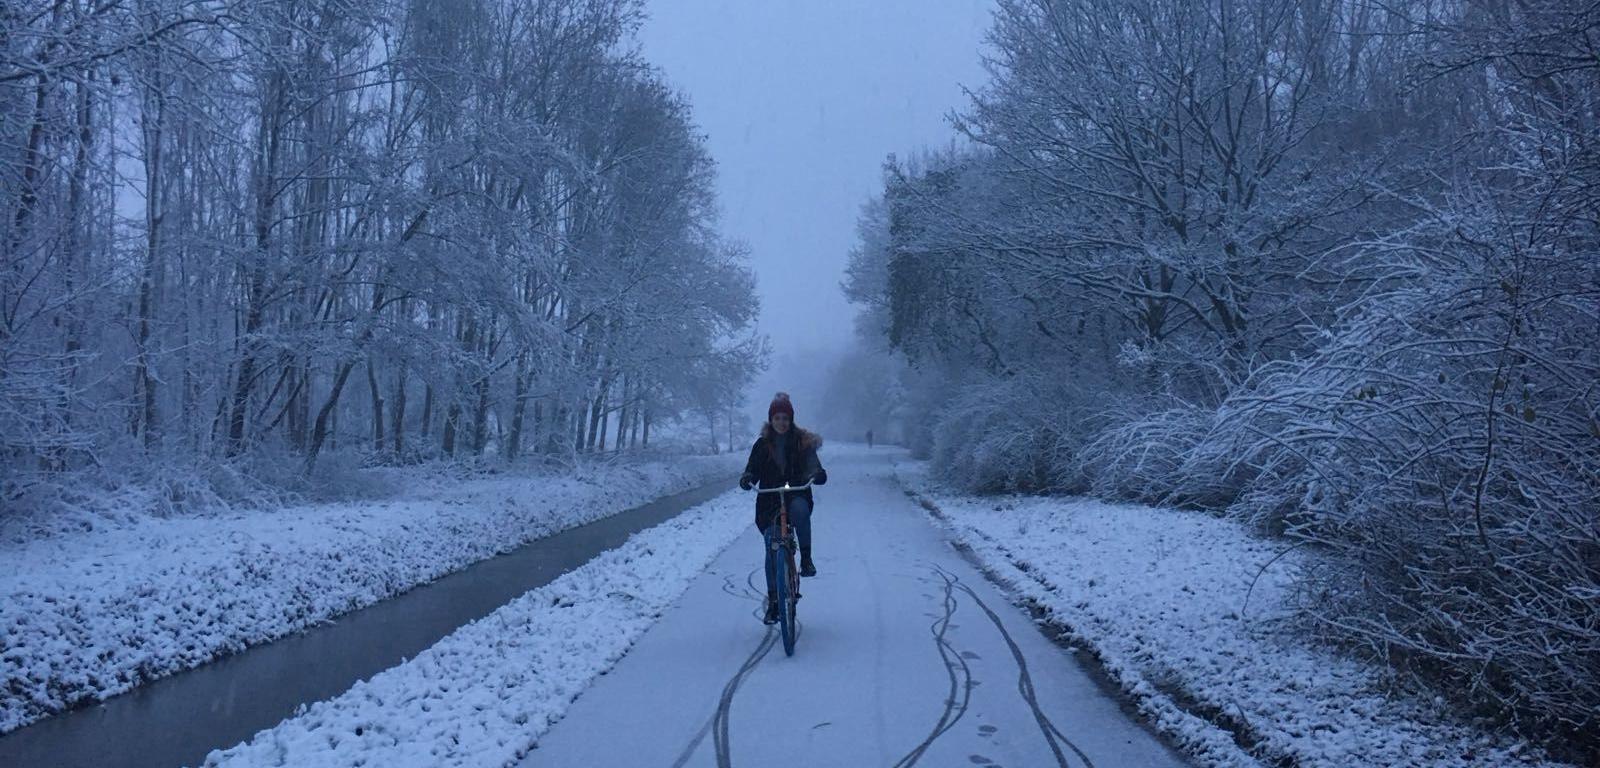 Andando en bici en la nieve